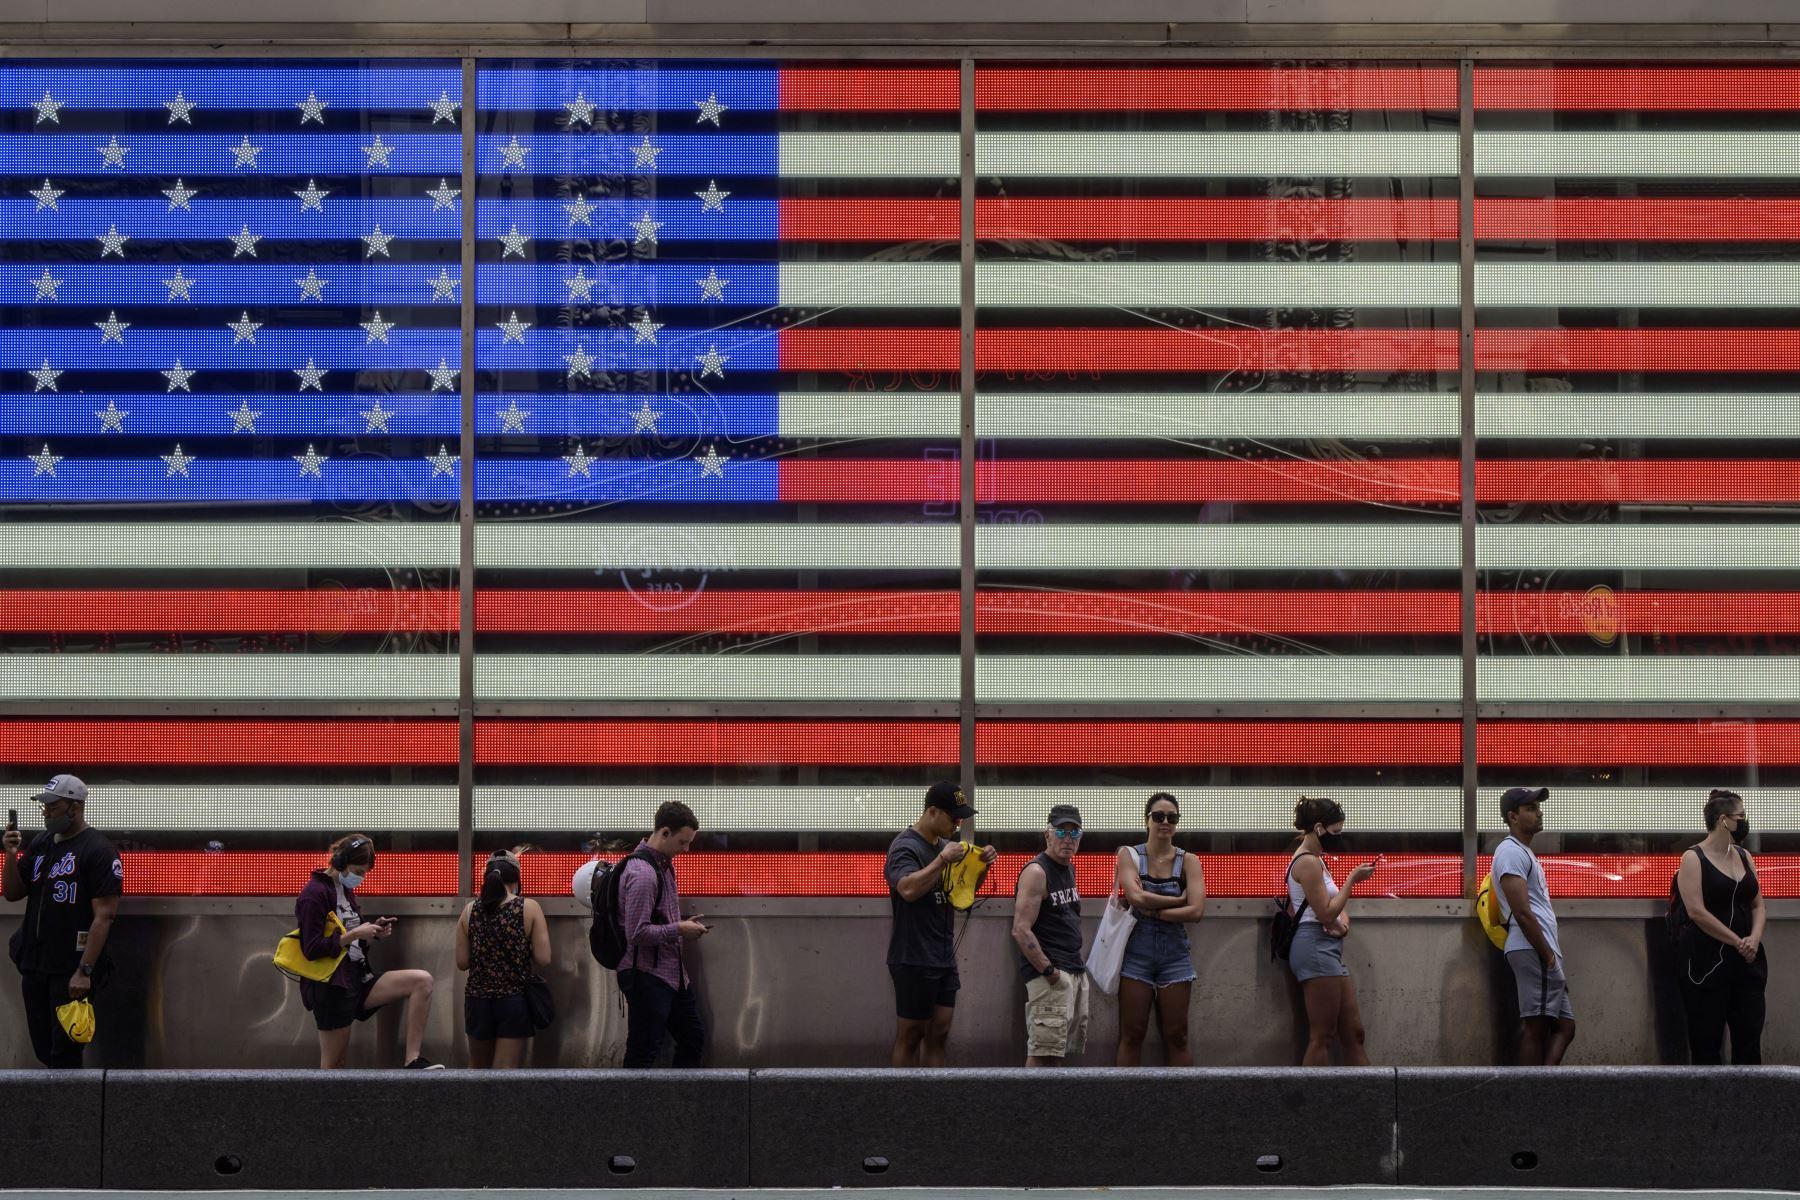 Personas hacen cola tratando de mantener cierta distancia para abordar un autobús turístico antes de una exhibición que muestra la bandera de Estados Unidos, en Times Square, ciudad de Nueva York. Foto: AFP